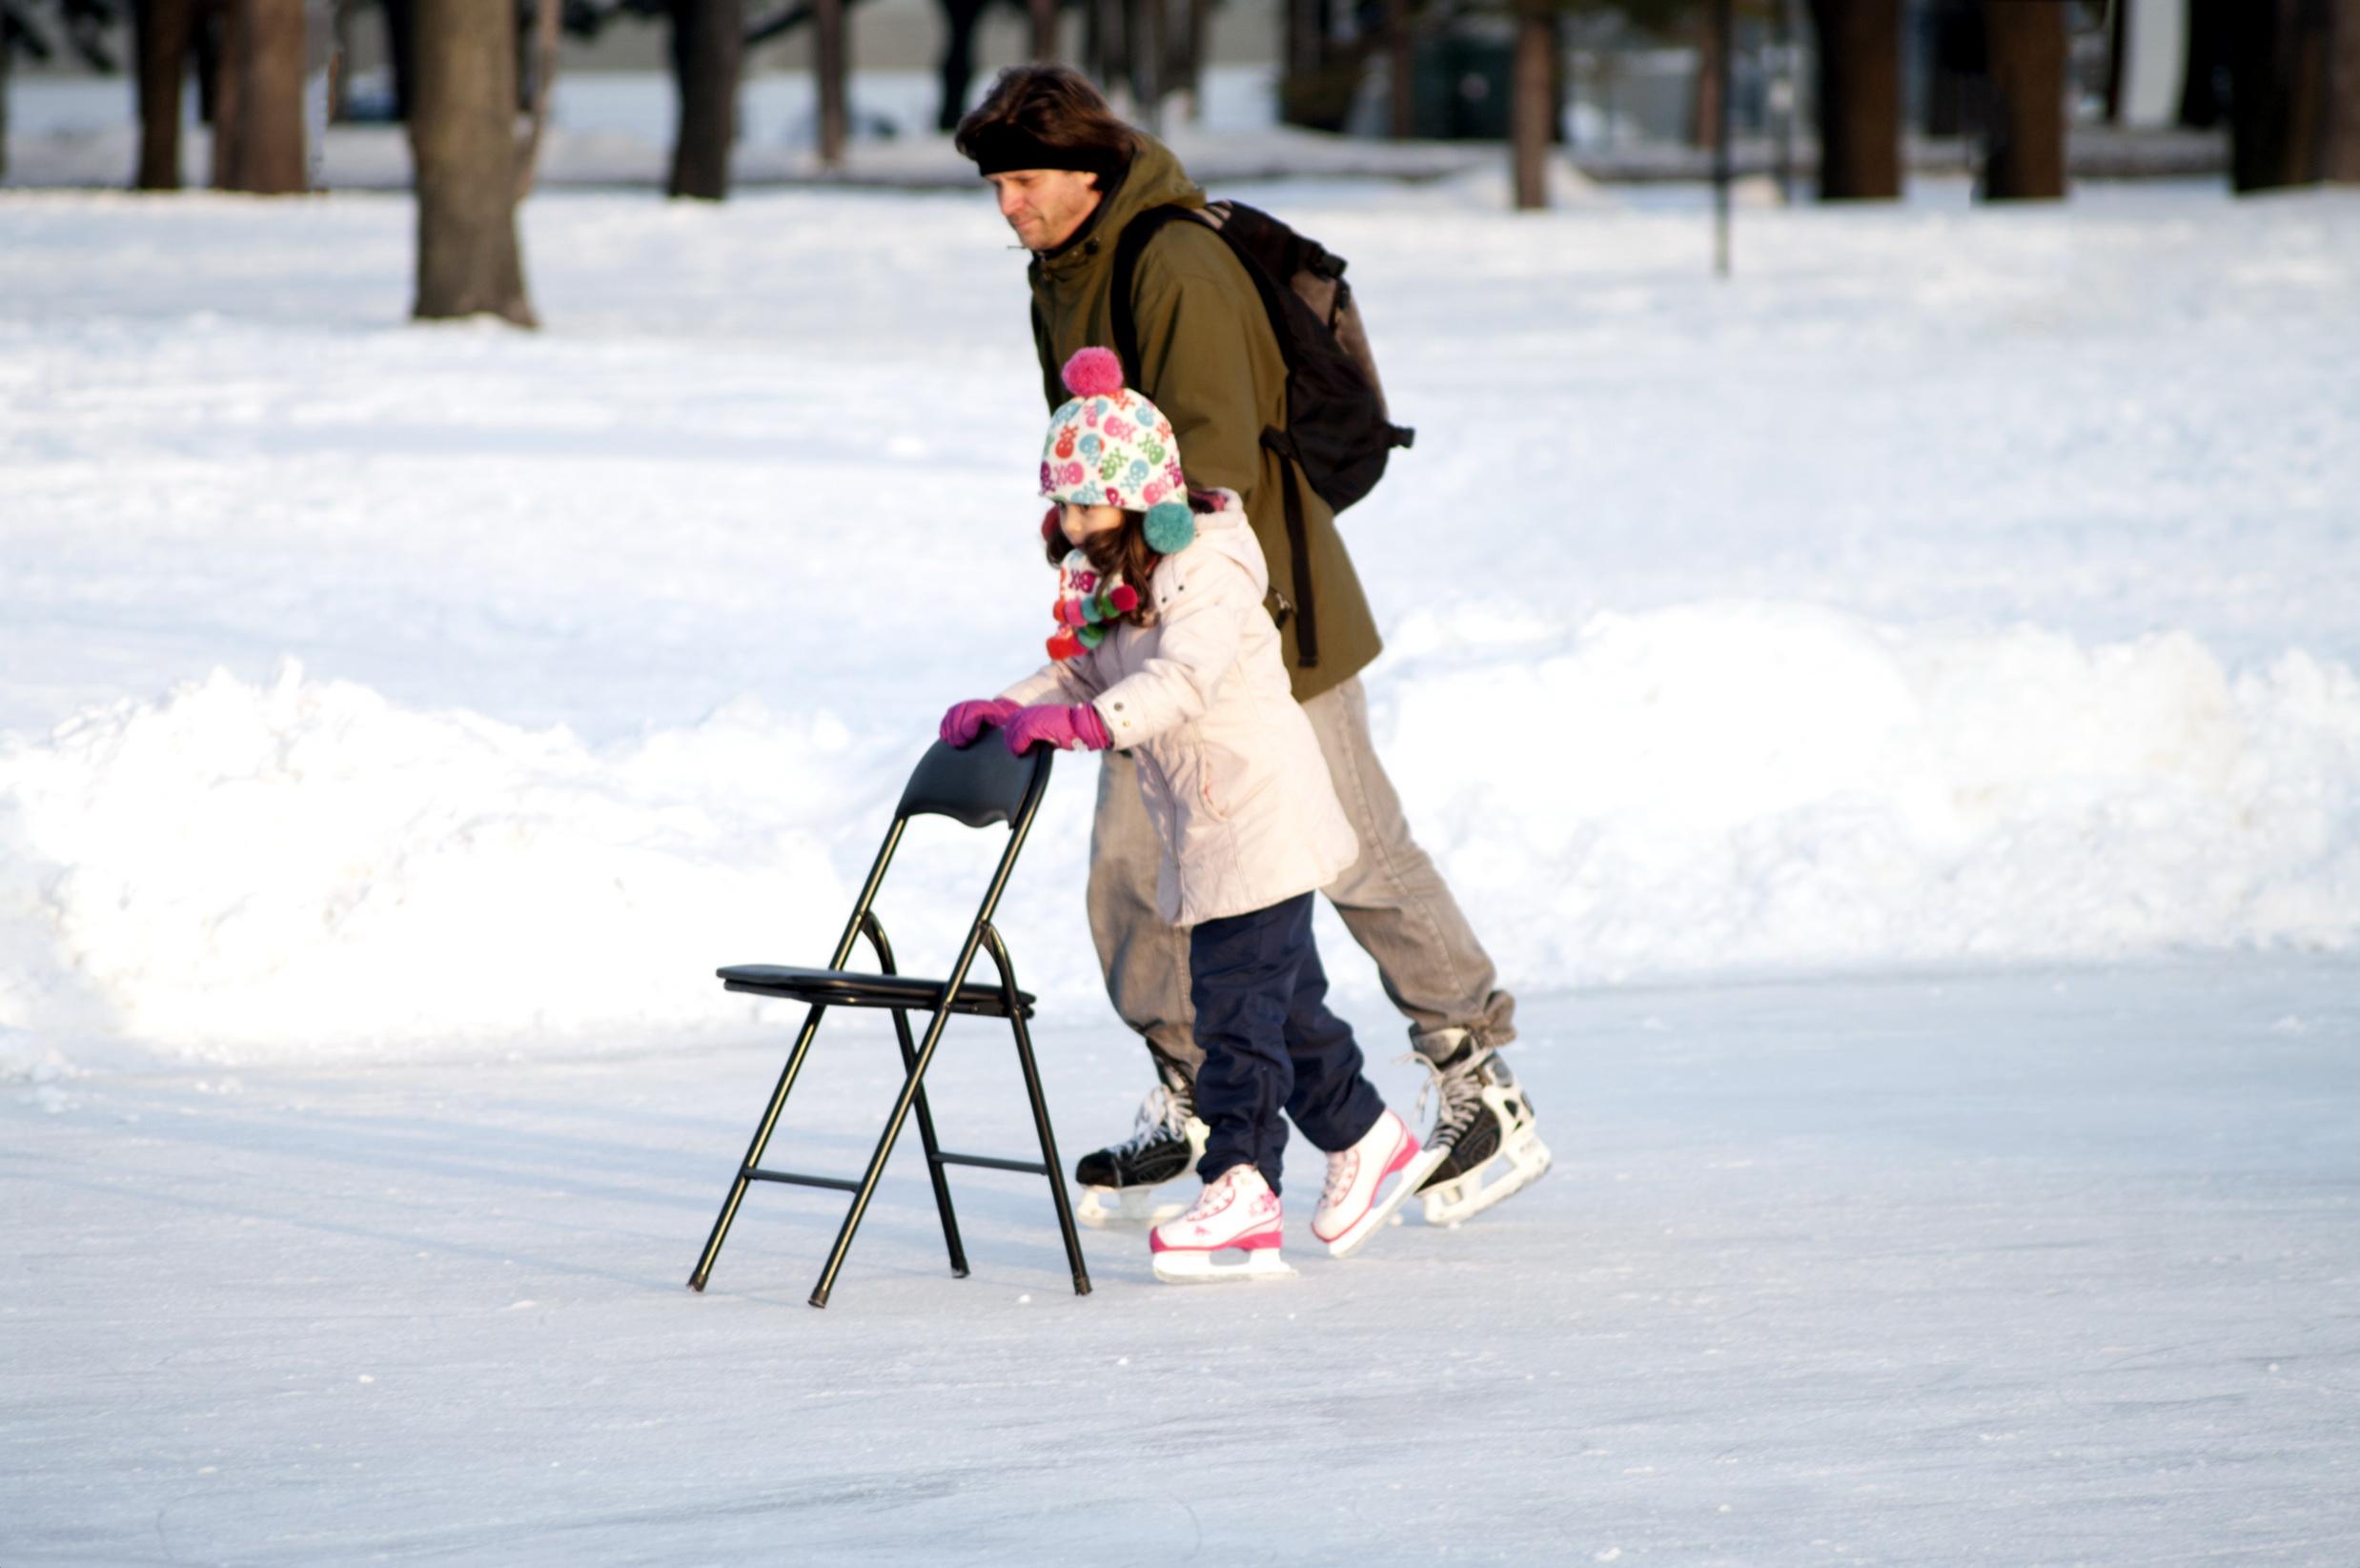 Dites moi avez vous chauss vos patins cette ann e les - Chausse et vous ...